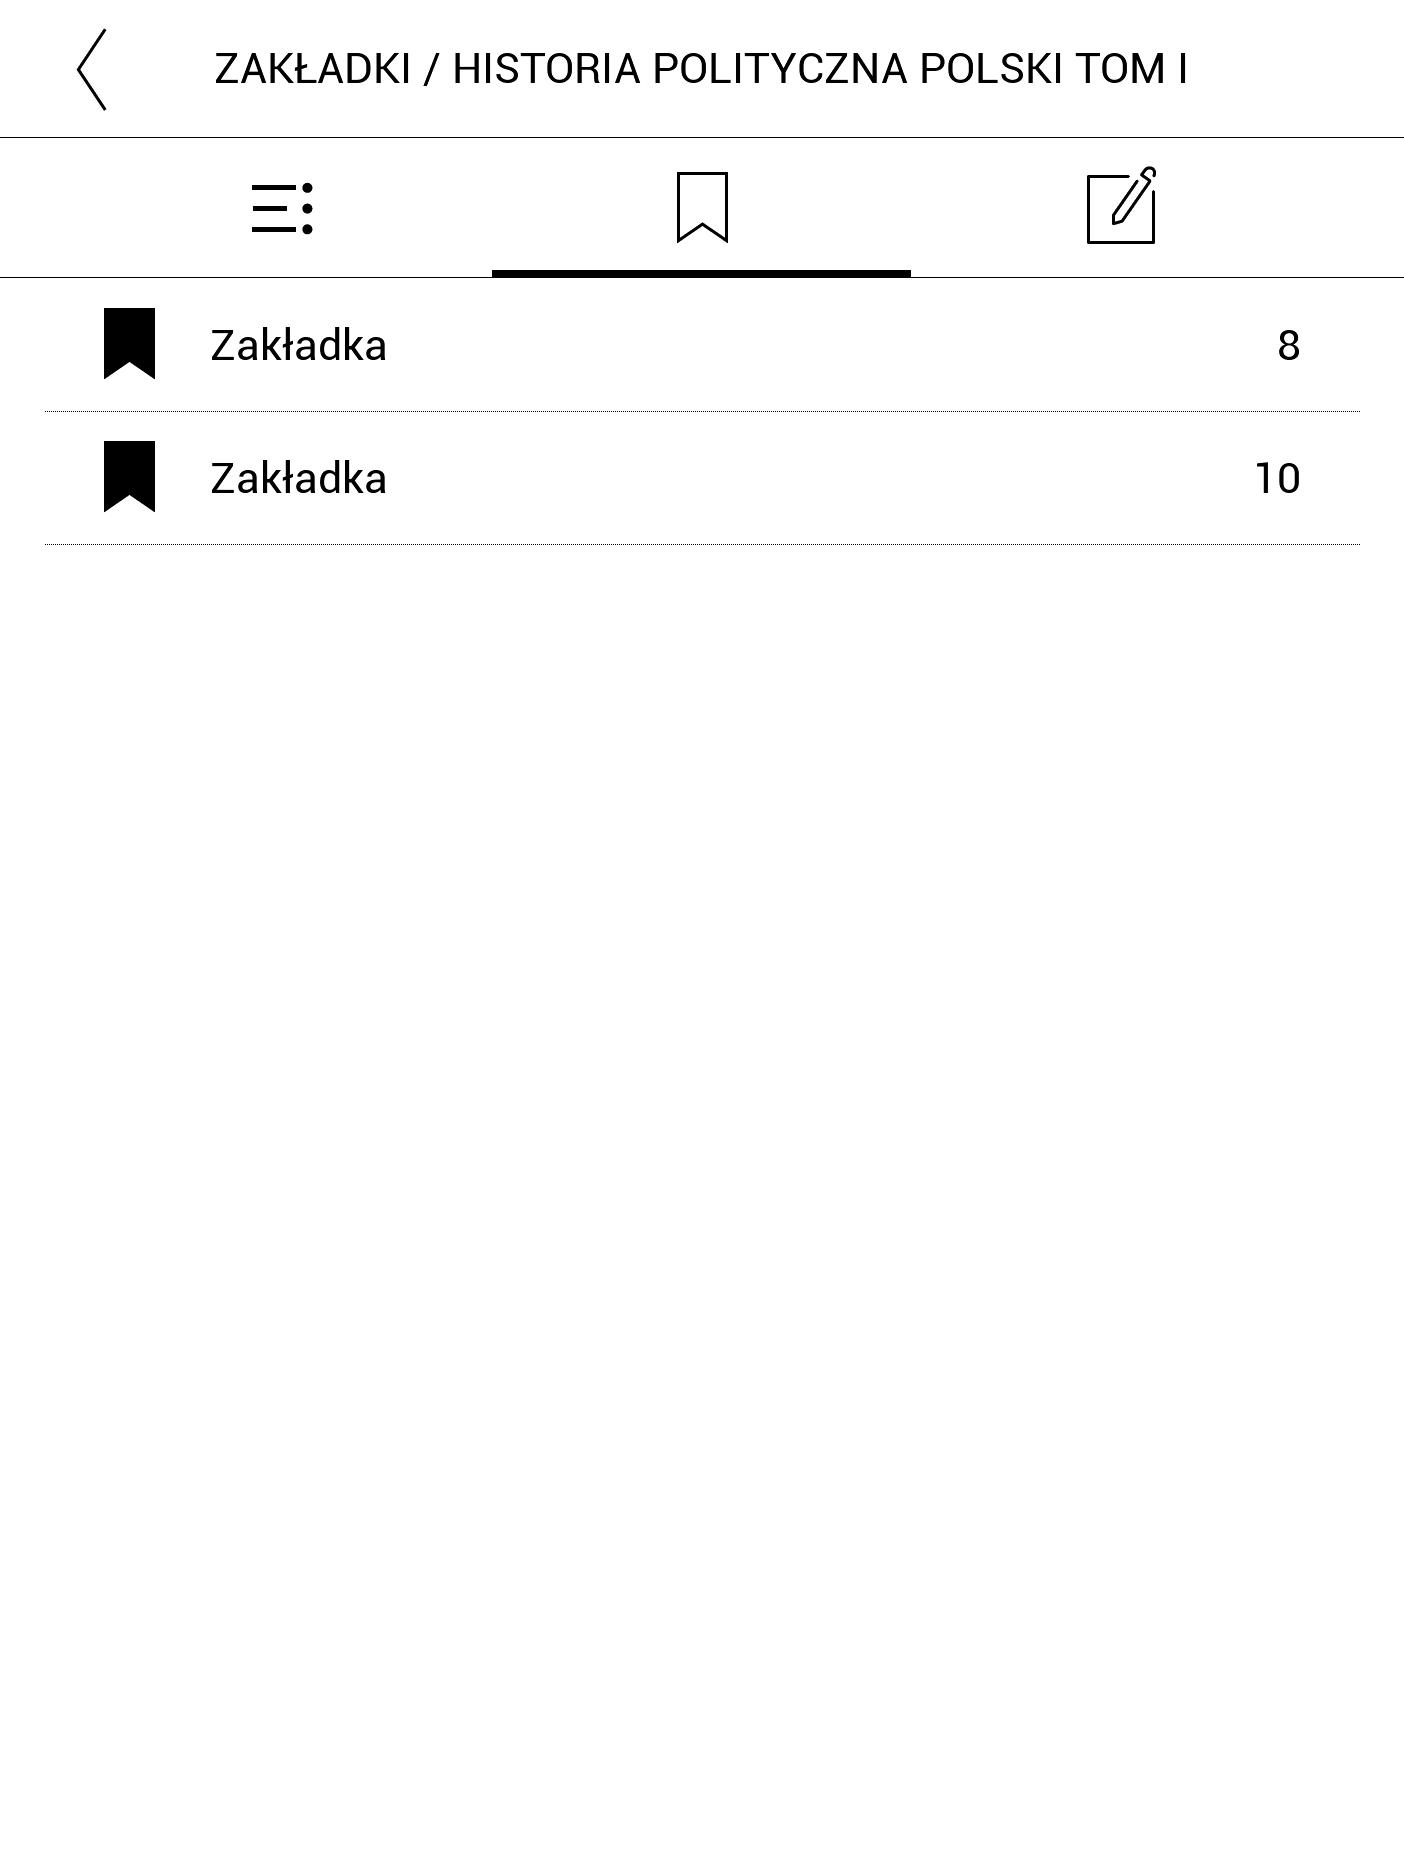 Przeglądanie zakładek w spisie treści książek EPUB na PocketBooku